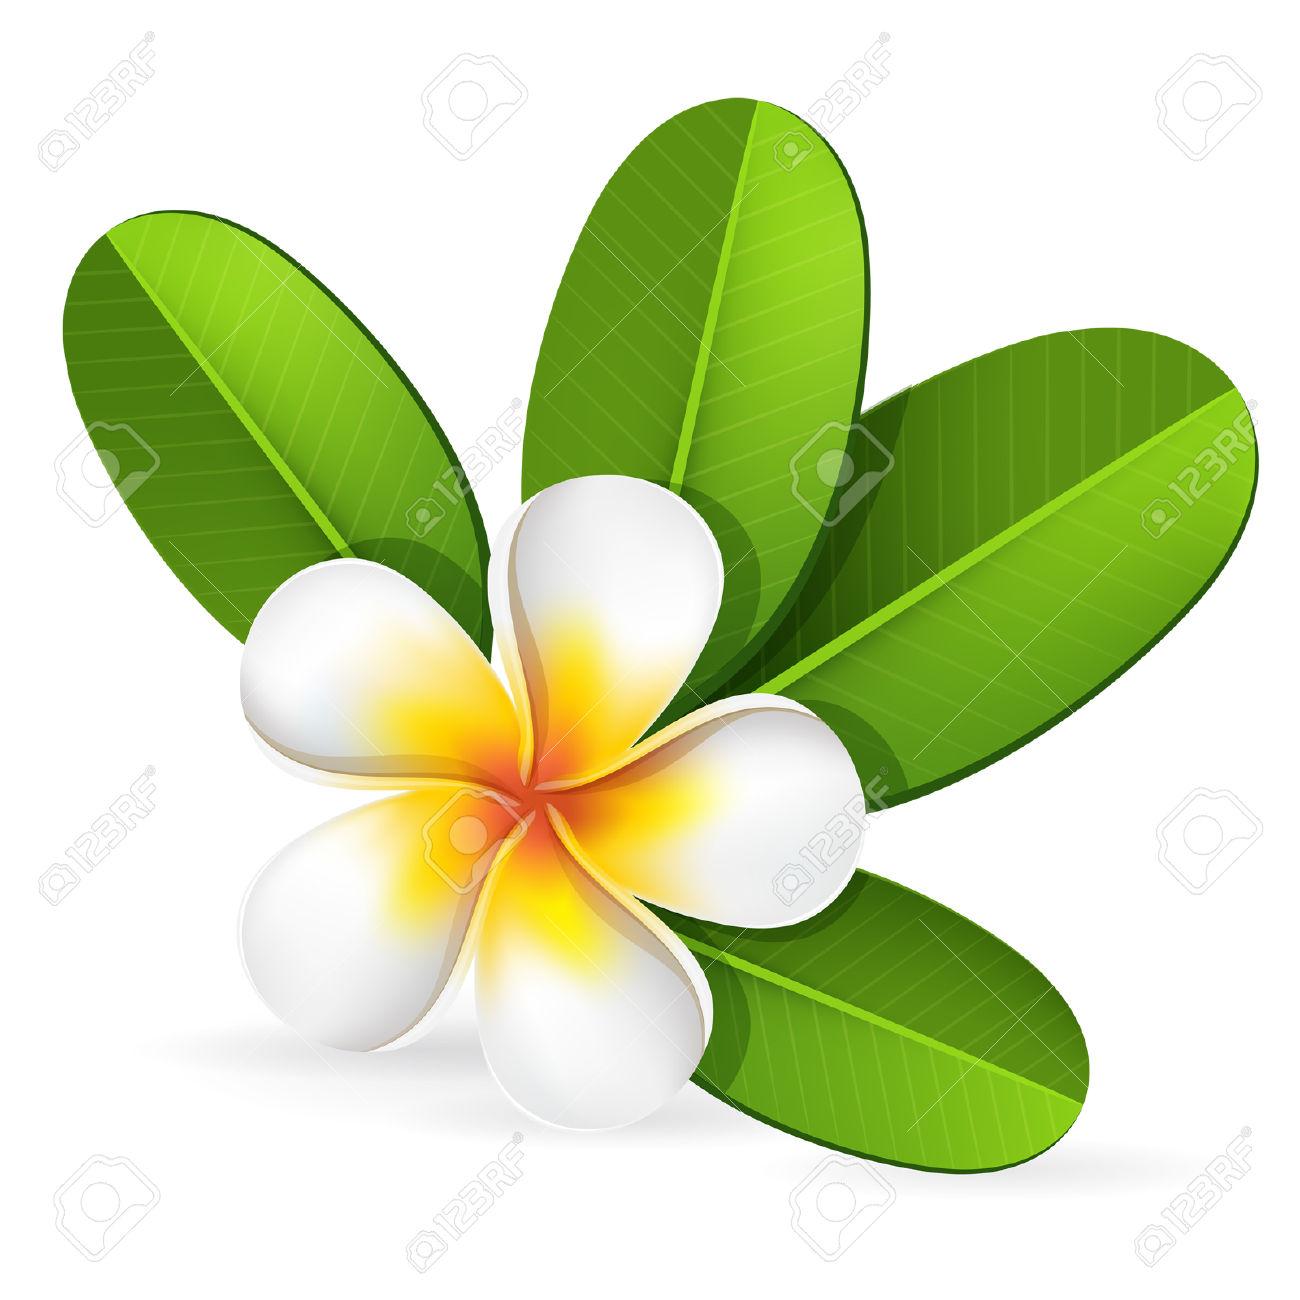 Plumeria clipart spa Tropical Plumeria Summer Leaves Green